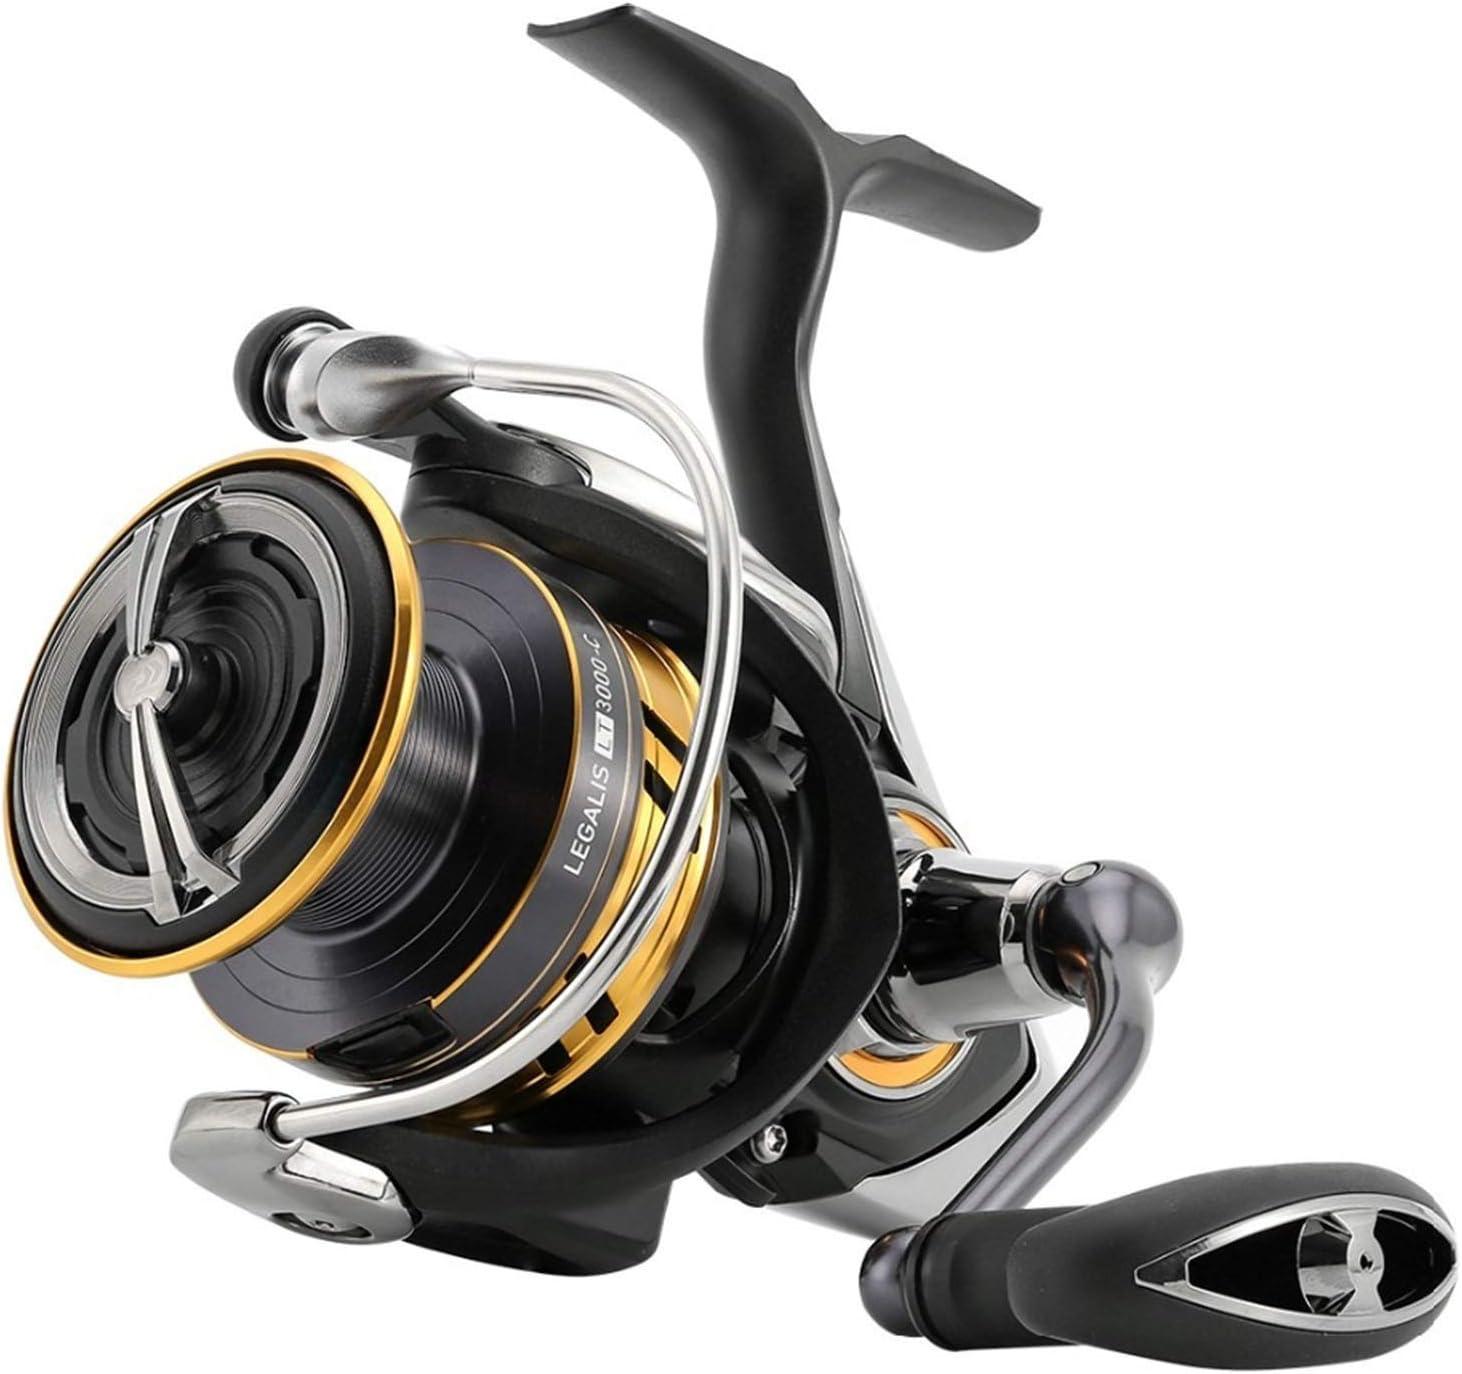 YZMY Fishing Reel Super-cheap DAI-WA LE-GA-LIS LT supreme 1000D 2500 2000D 3000C 400